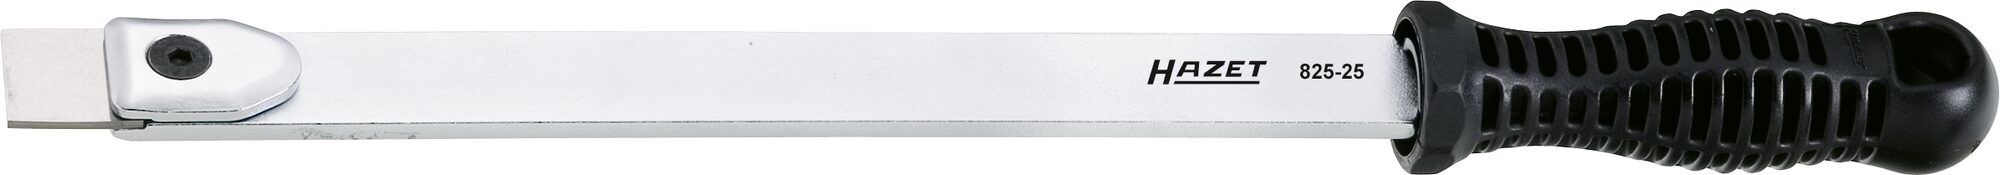 HAZET Flachschaber 825-25 ∙ Flachprofil ∙ 0.5 x 25 mm